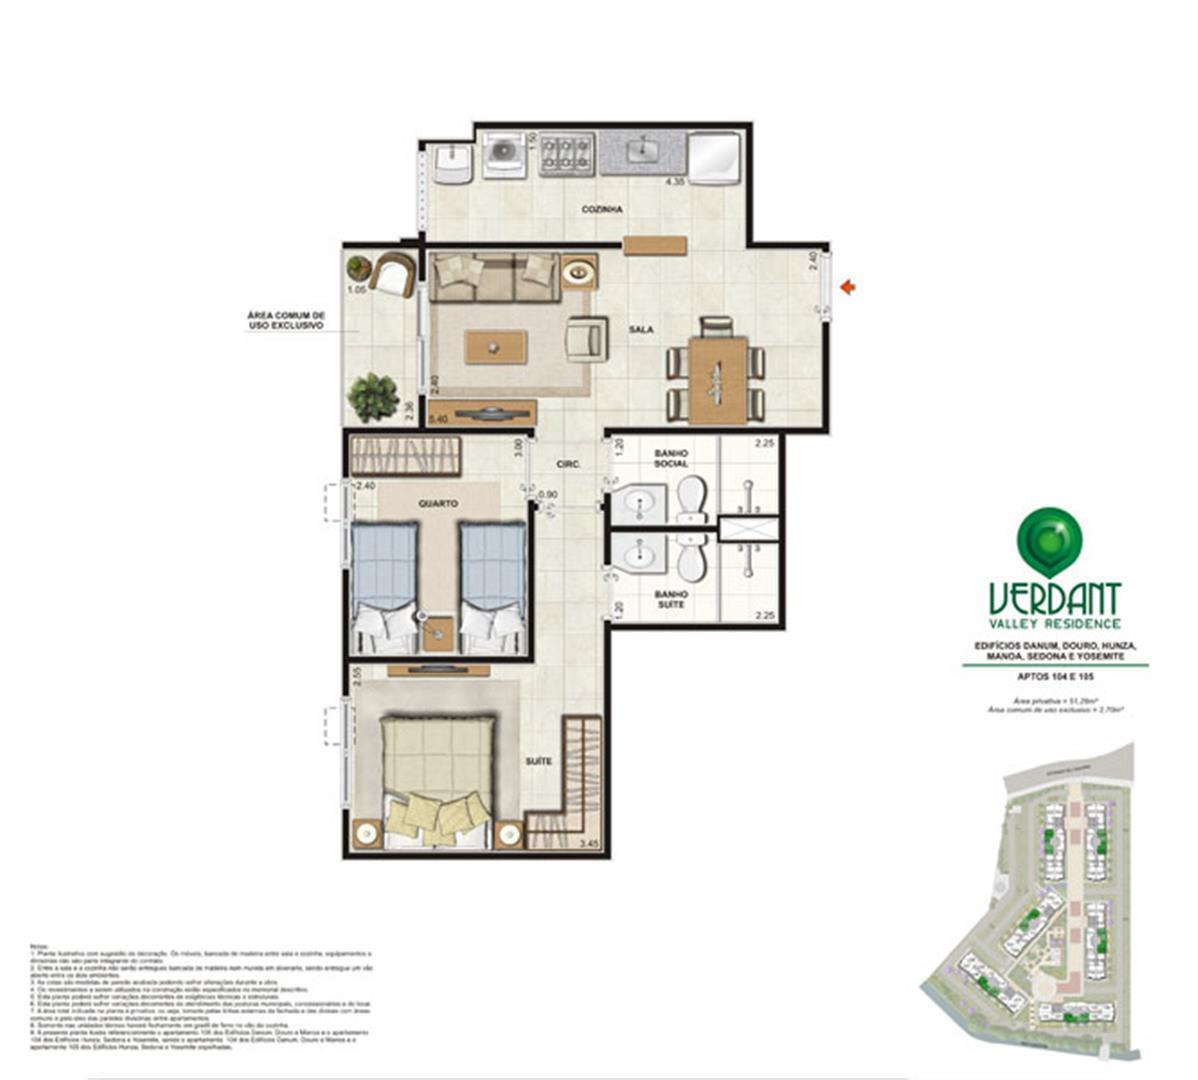 2 Quartos com suíte   53,98m²   Aptos 104 e 105   Edifícios Danum, Douro, Hunza, Manoa, Sedona e Yosemite